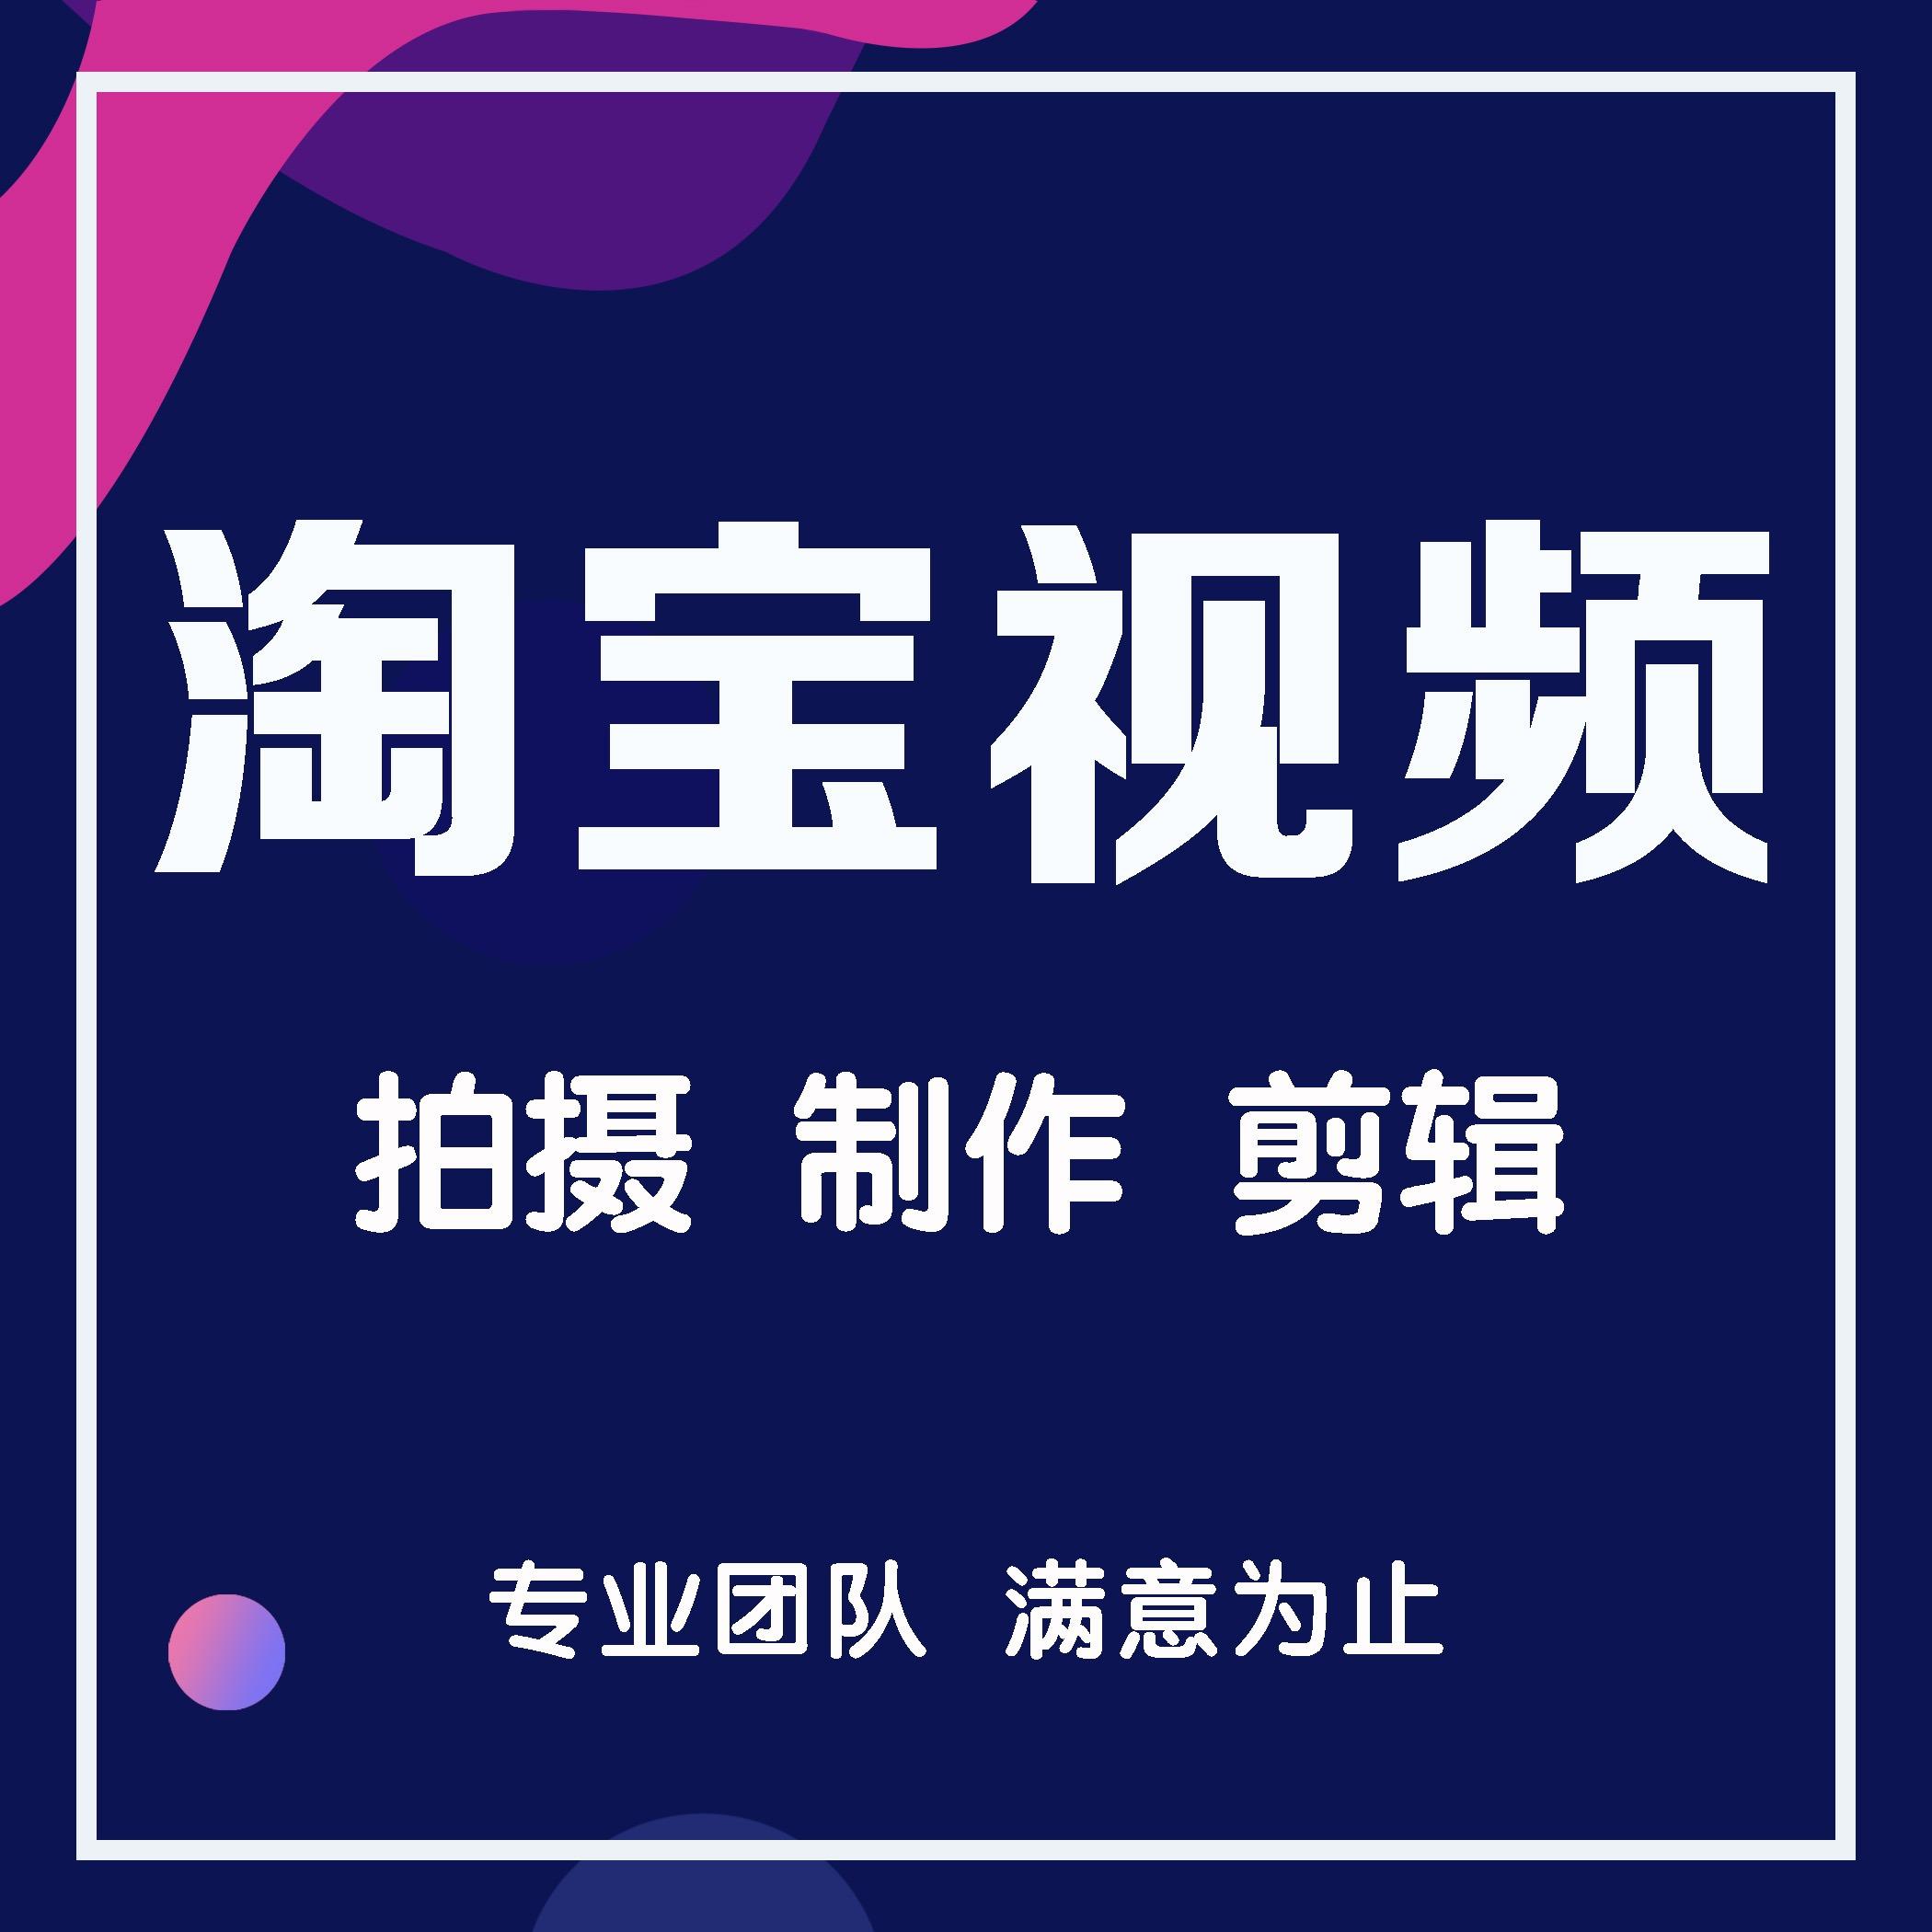 【淘宝 视频 】淘宝天猫京东拼多多+产品 视频 拍摄剪辑制作